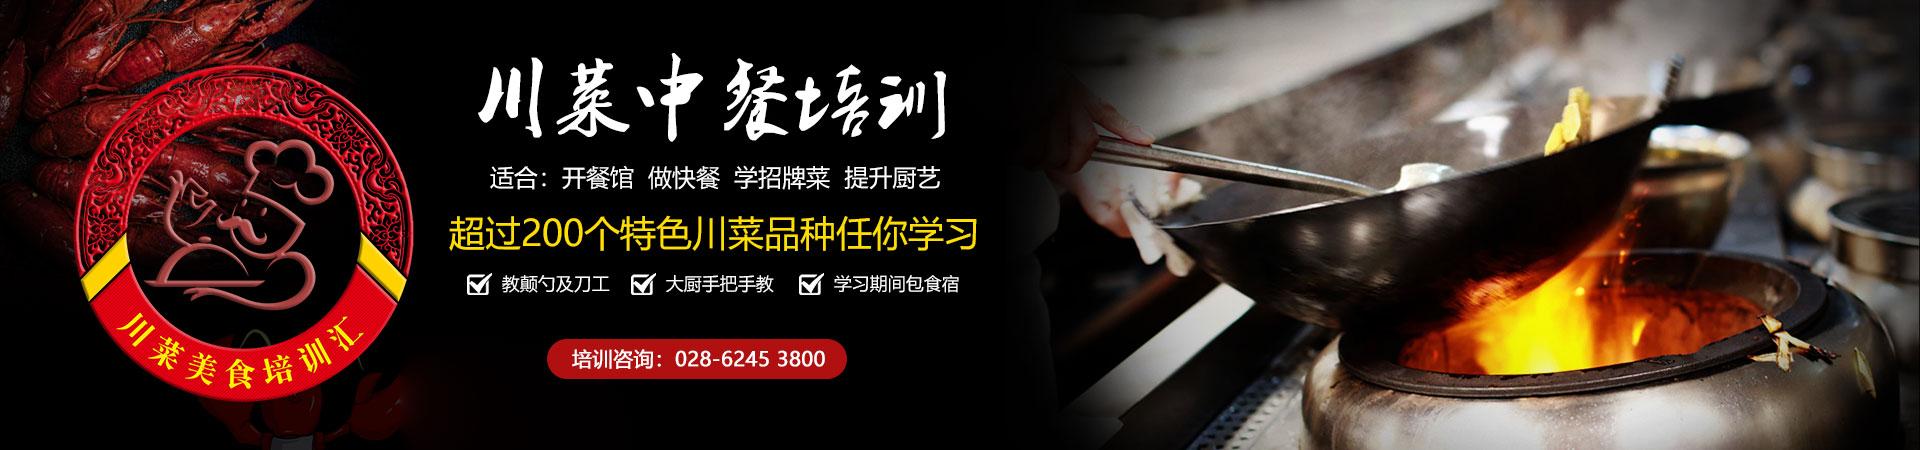 成都川菜中餐培训